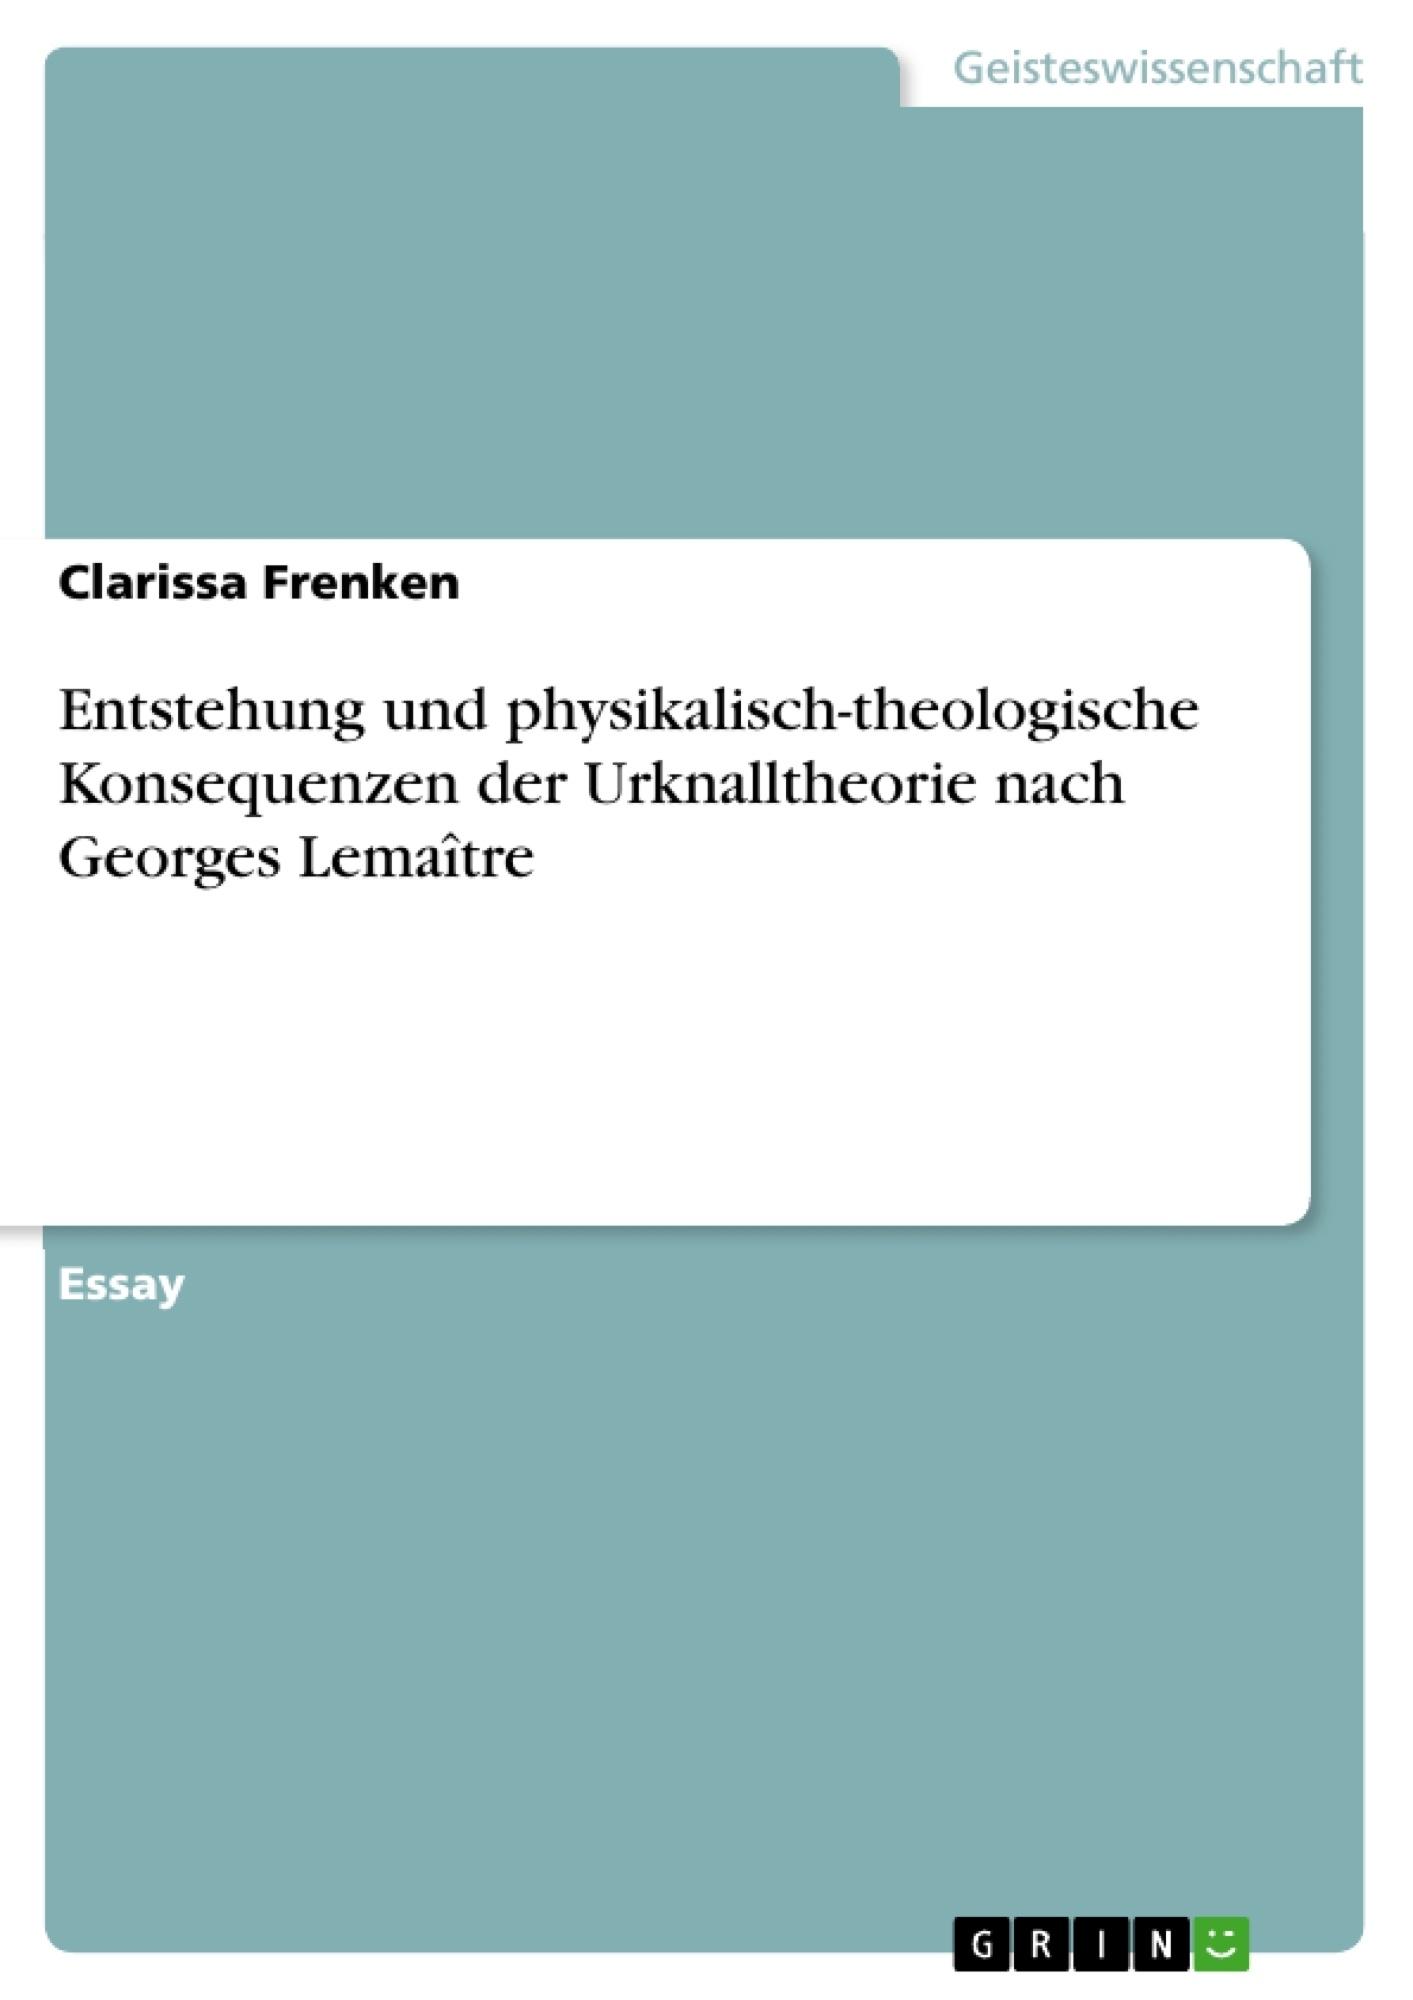 Titel: Entstehung und physikalisch-theologische Konsequenzen der Urknalltheorie nach Georges Lemaître